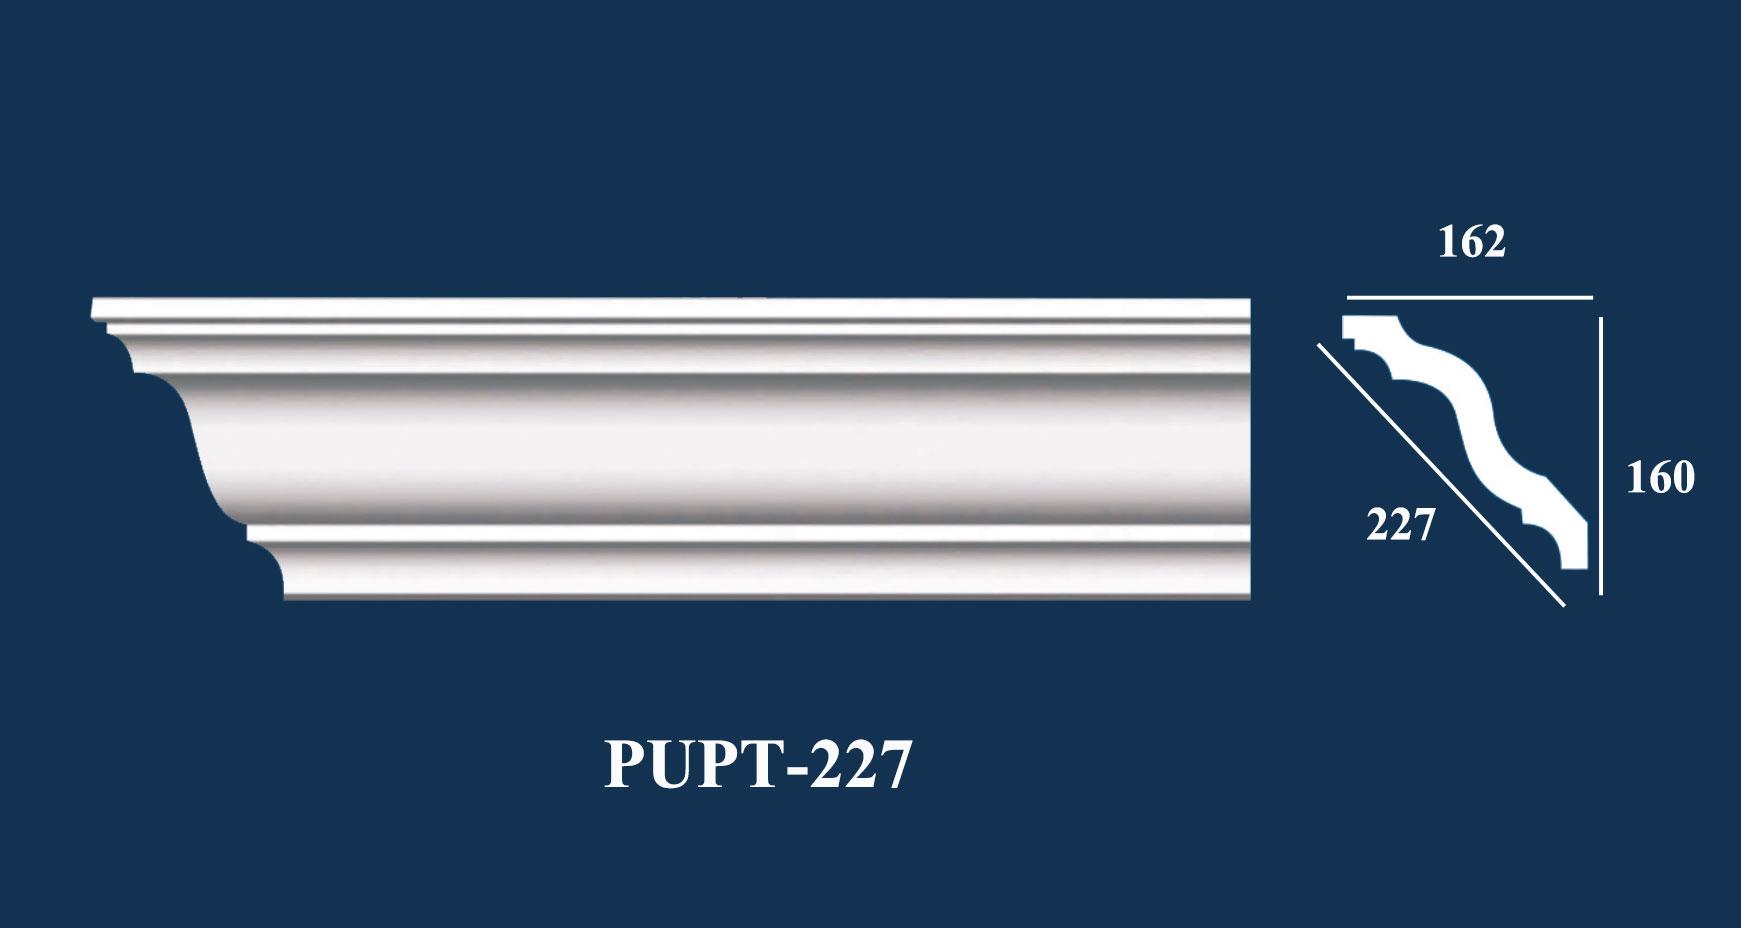 Phào Góc Trần PU Trơn - PUPT-227